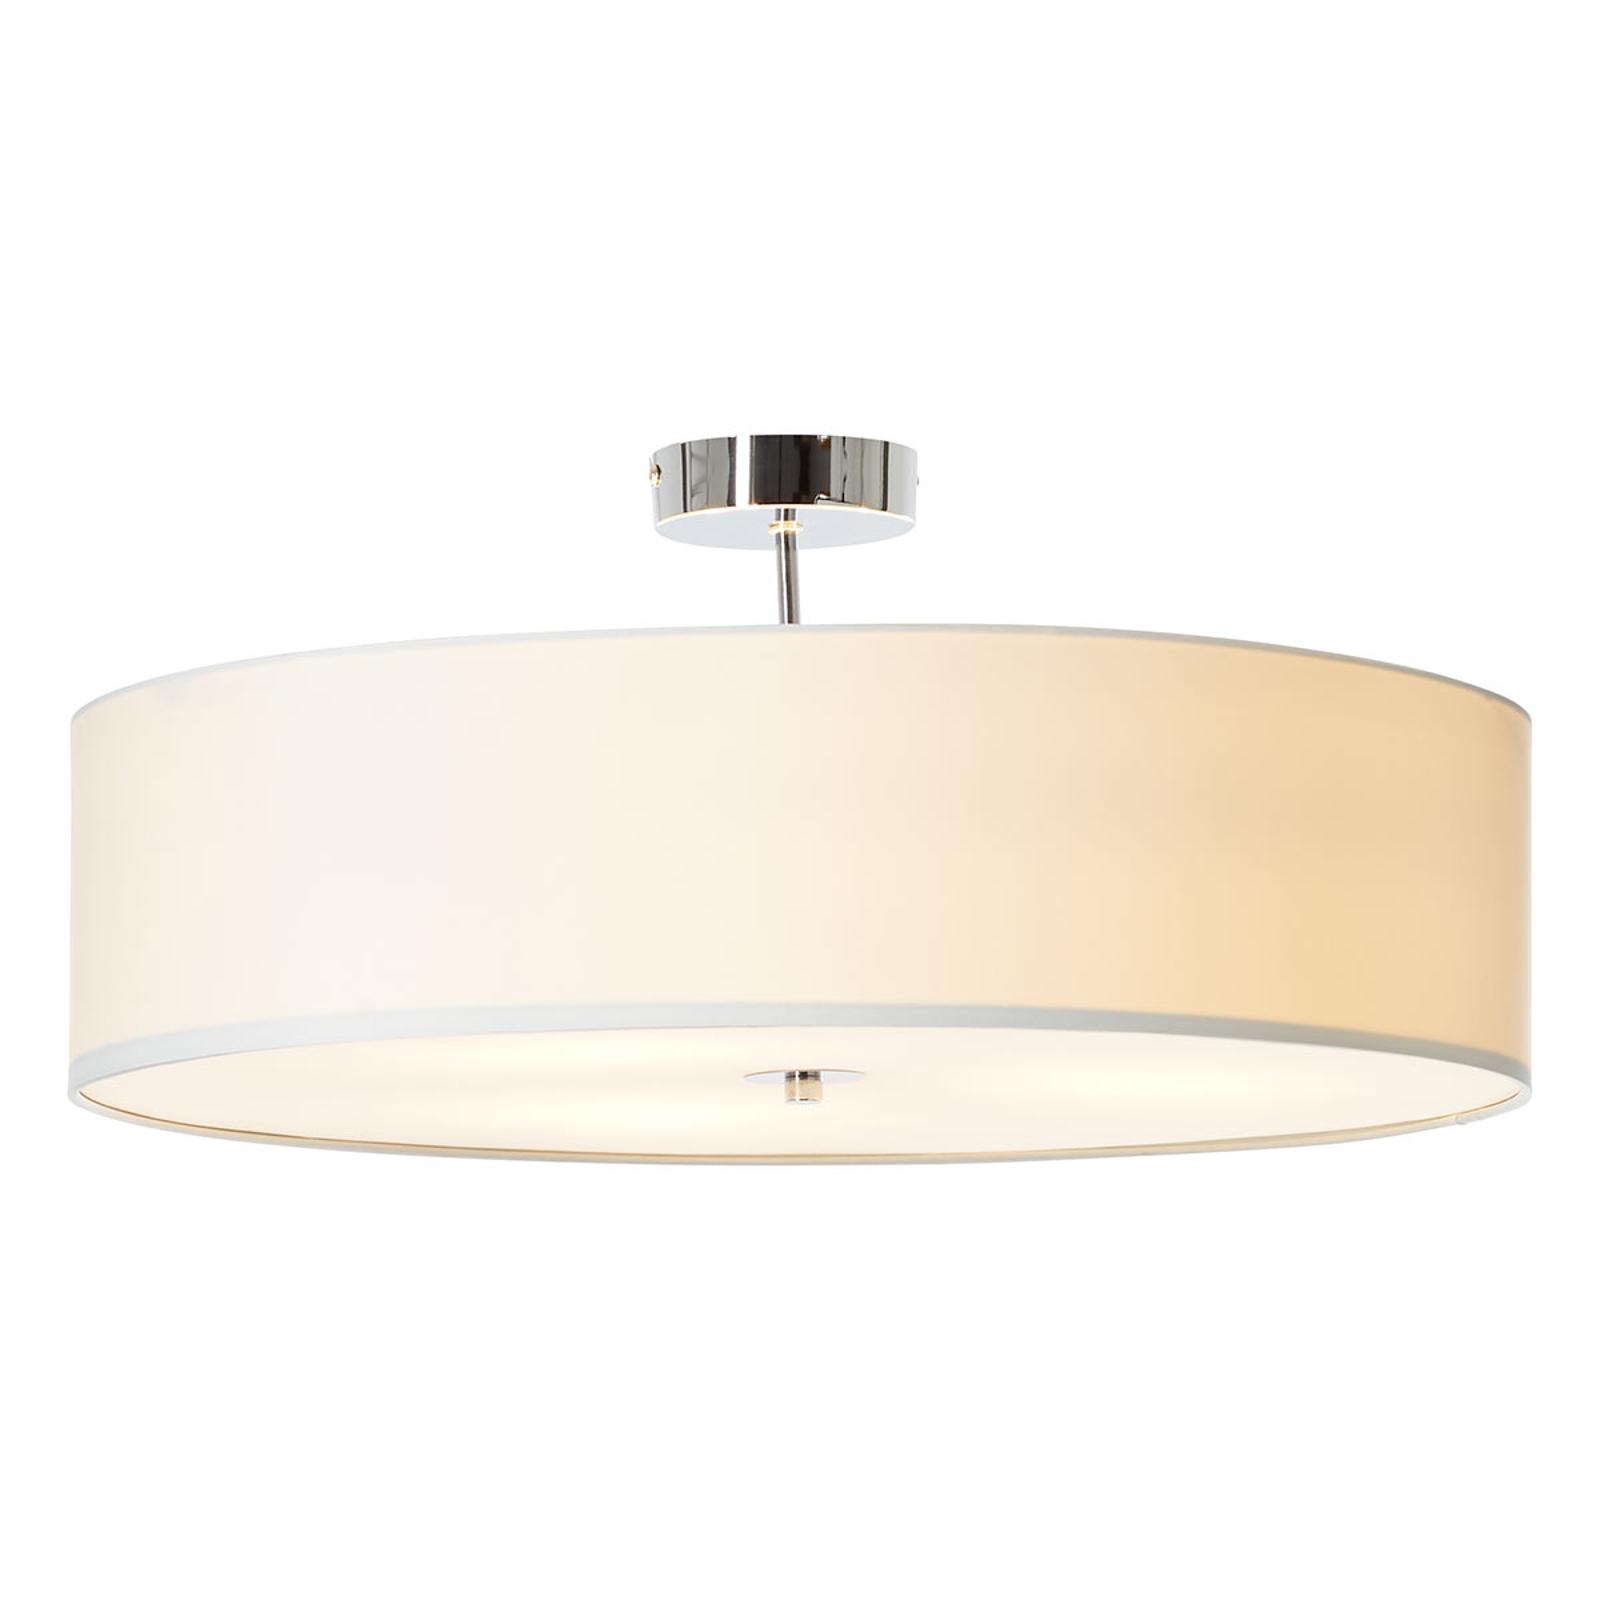 Textil-Deckenlampe Andria, 60 cm, weiß